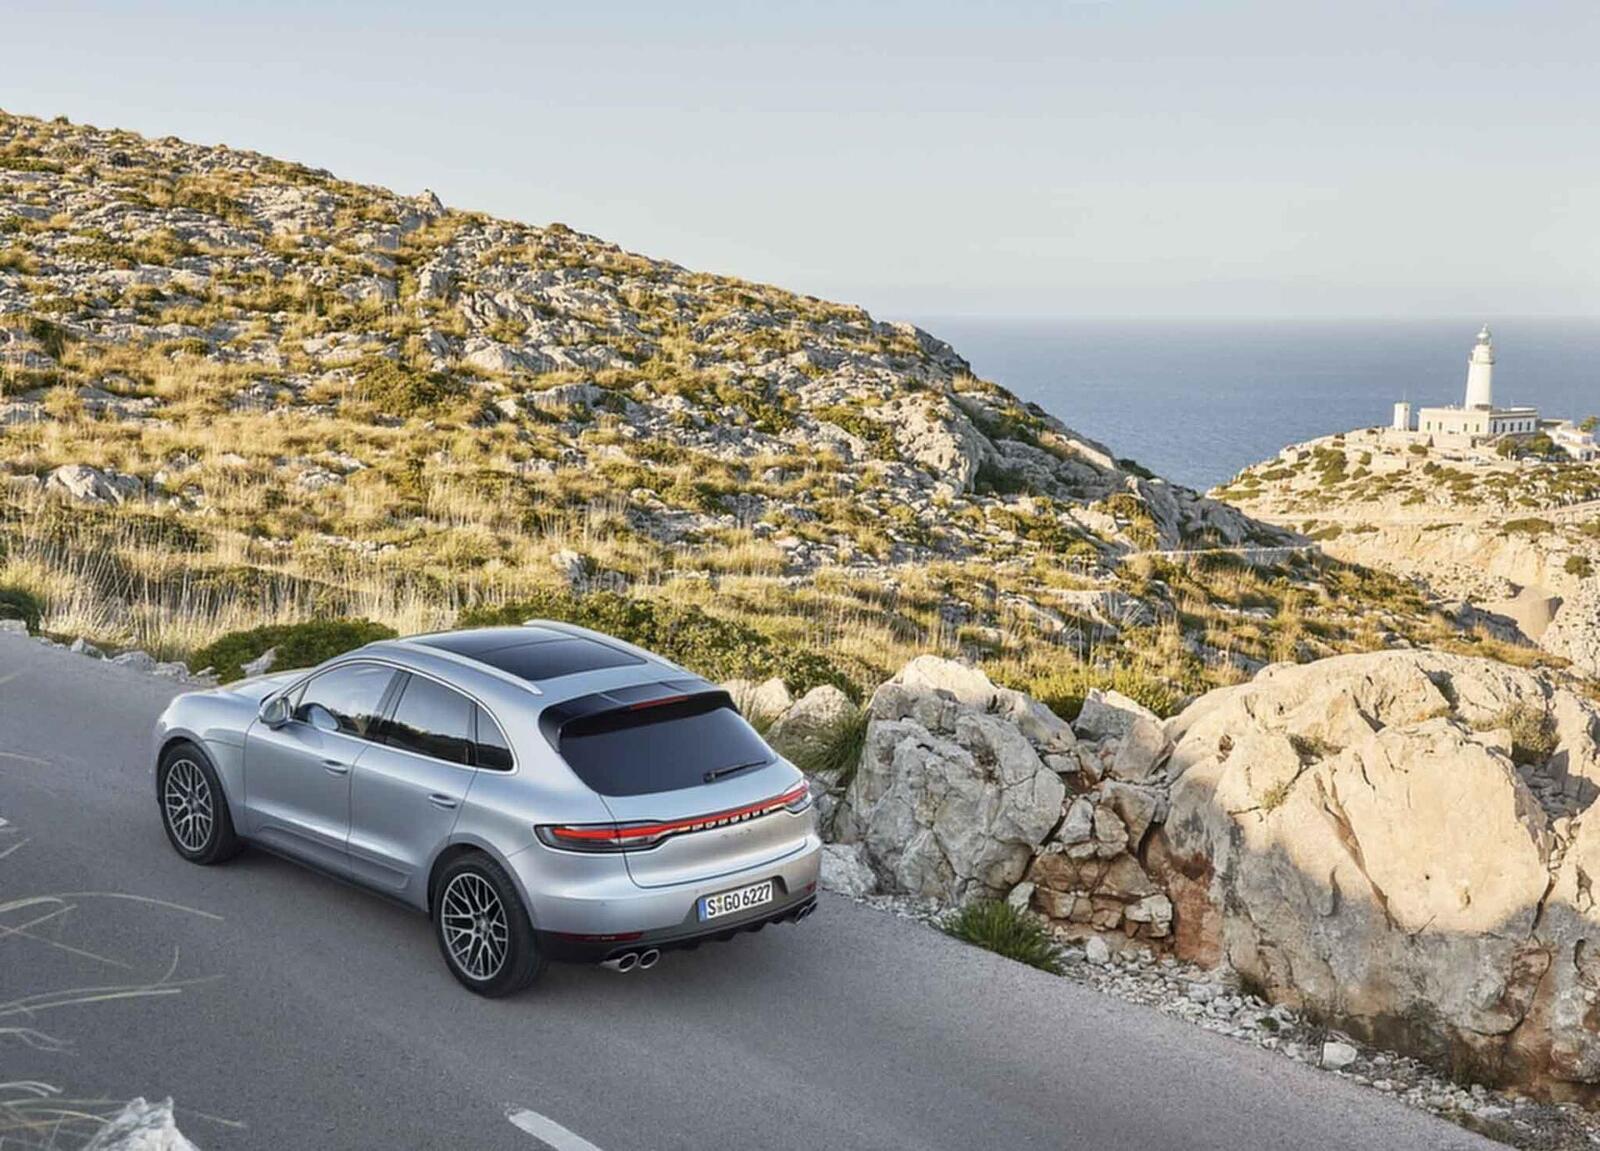 Porsche Macan S 2019 có giá 3,62 tỷ đồng tại Việt Nam; lắp máy V6 3.0L tăng áp mạnh mẽ - Hình 7